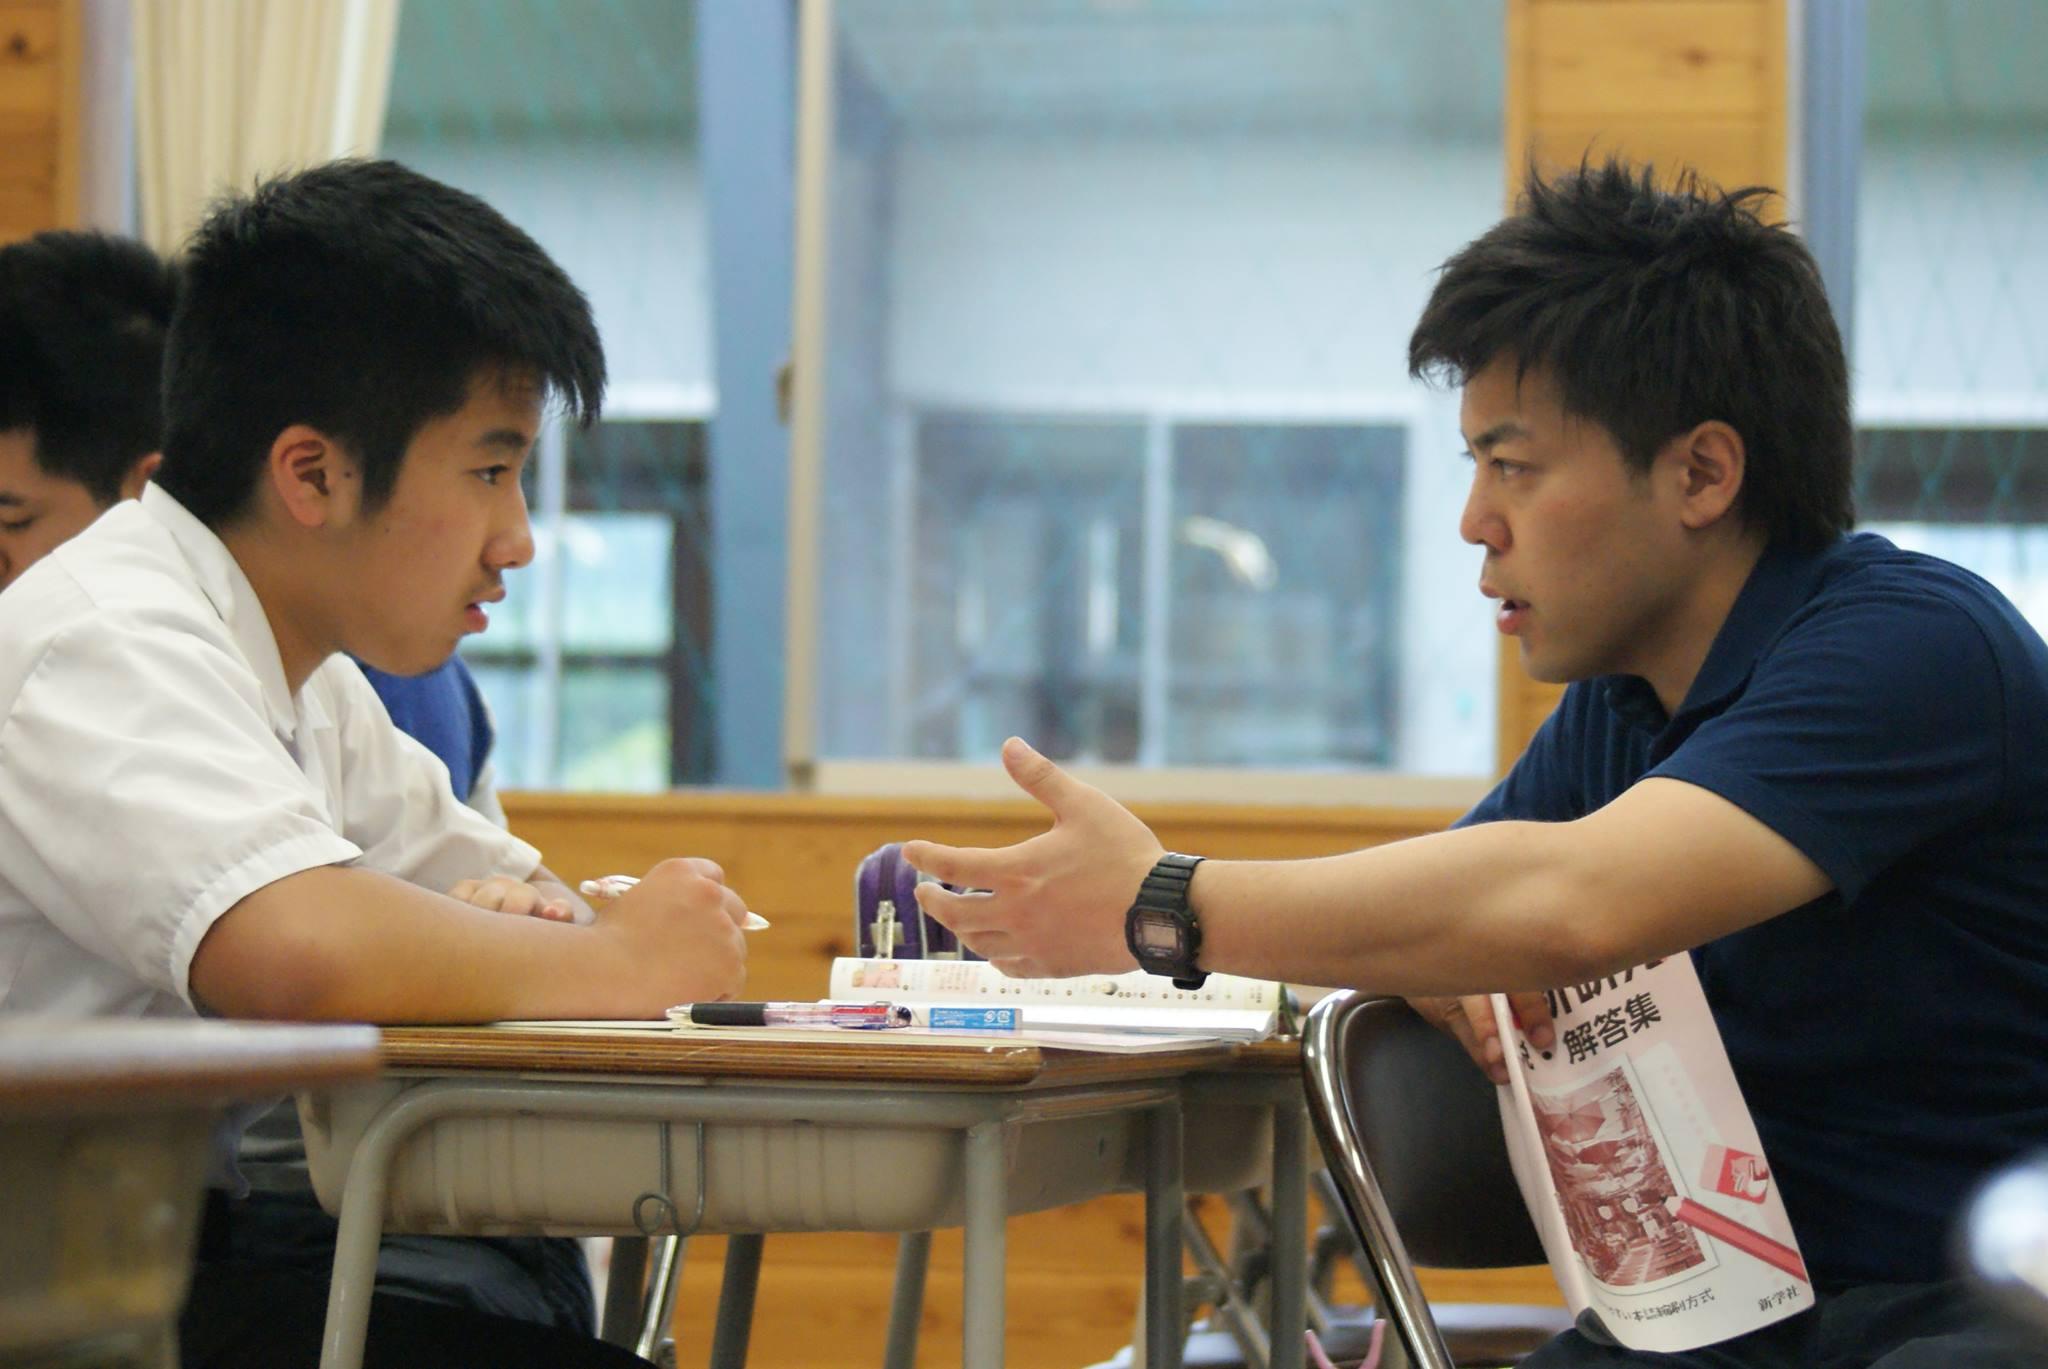 【NPOカタリバ】熊本 益城町の子どもたちに継続的な学びの場を